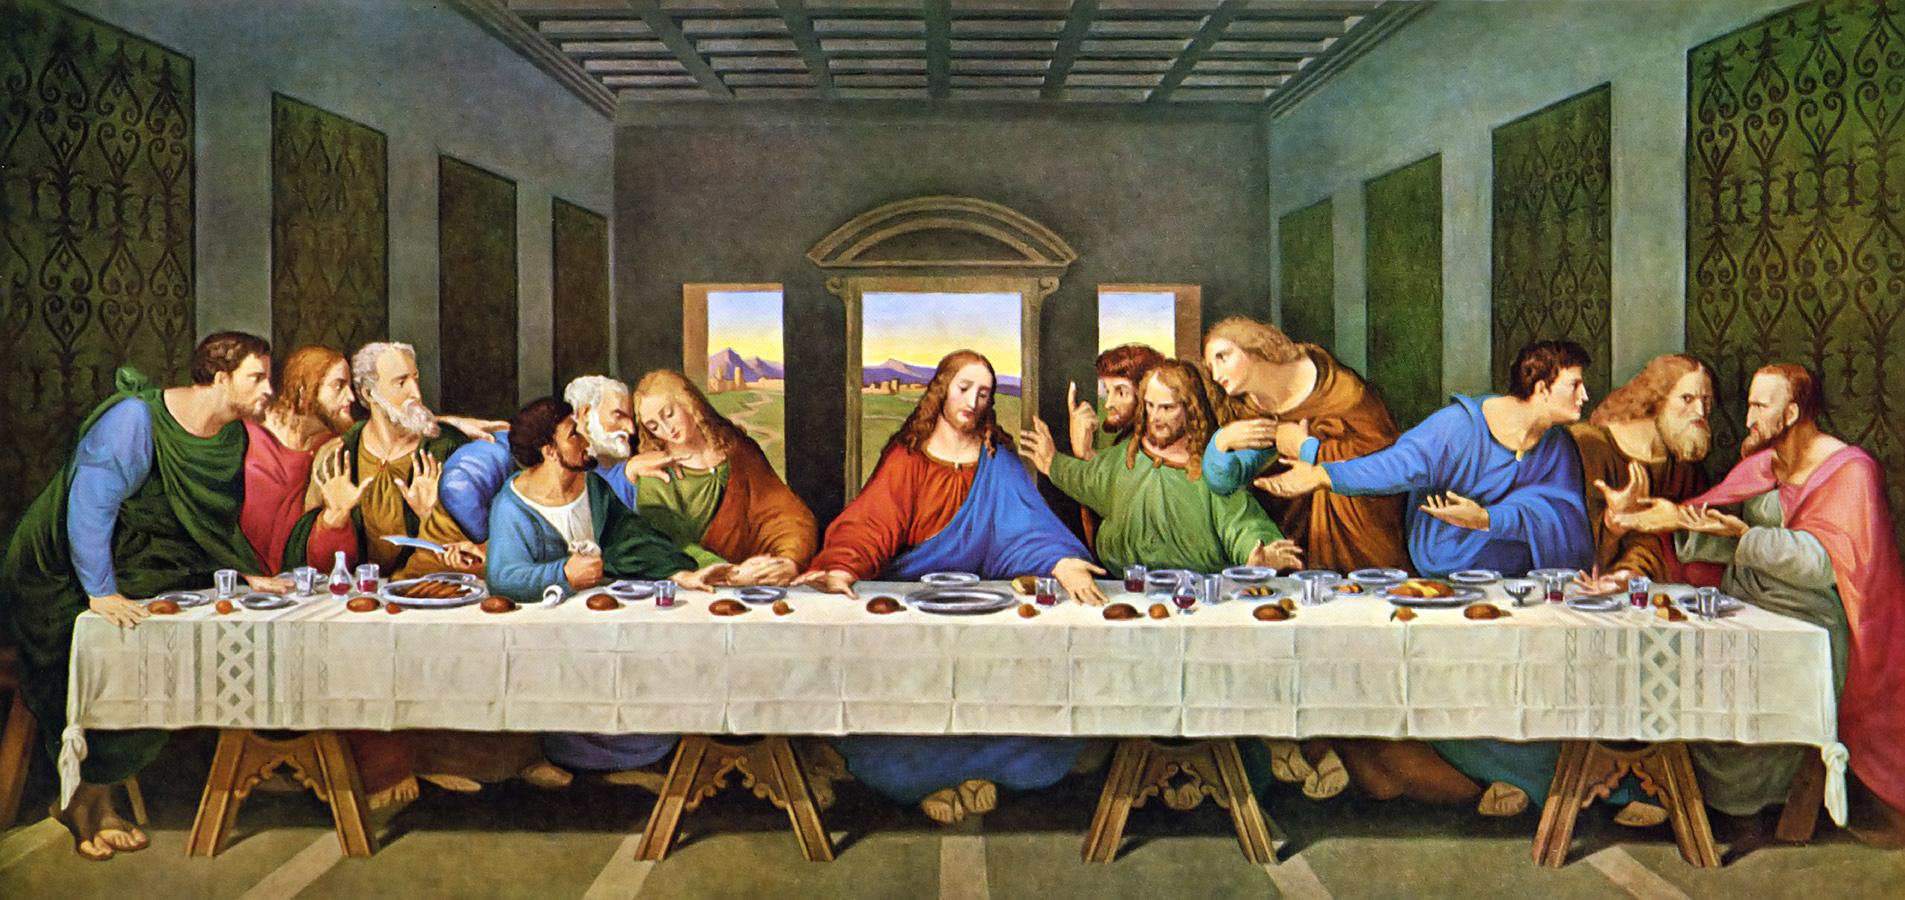 Leonardo Da Vinci Last Supper